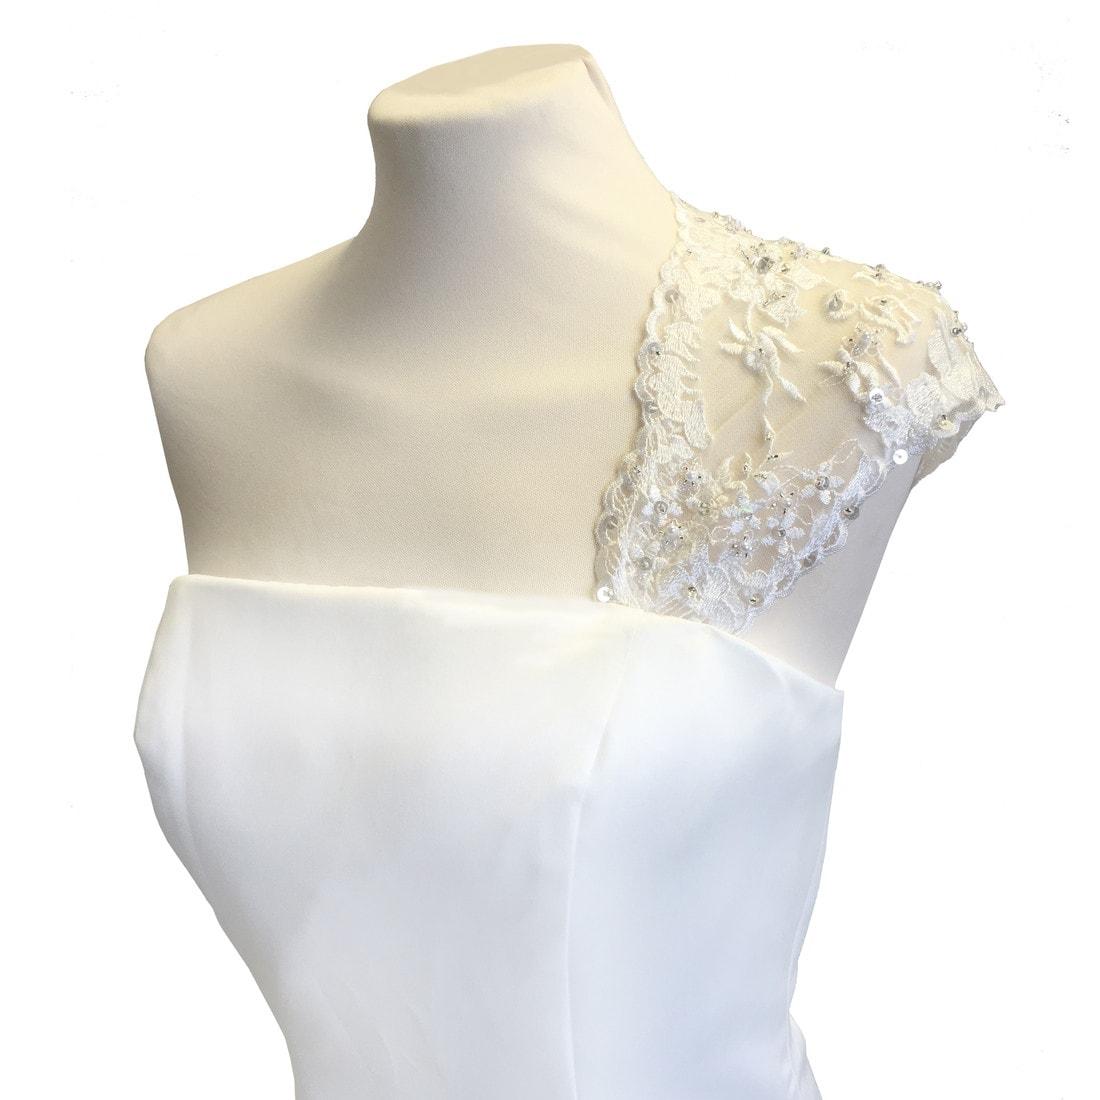 ej900-lace-bridal-sleeve-with-keyhole-back-72px